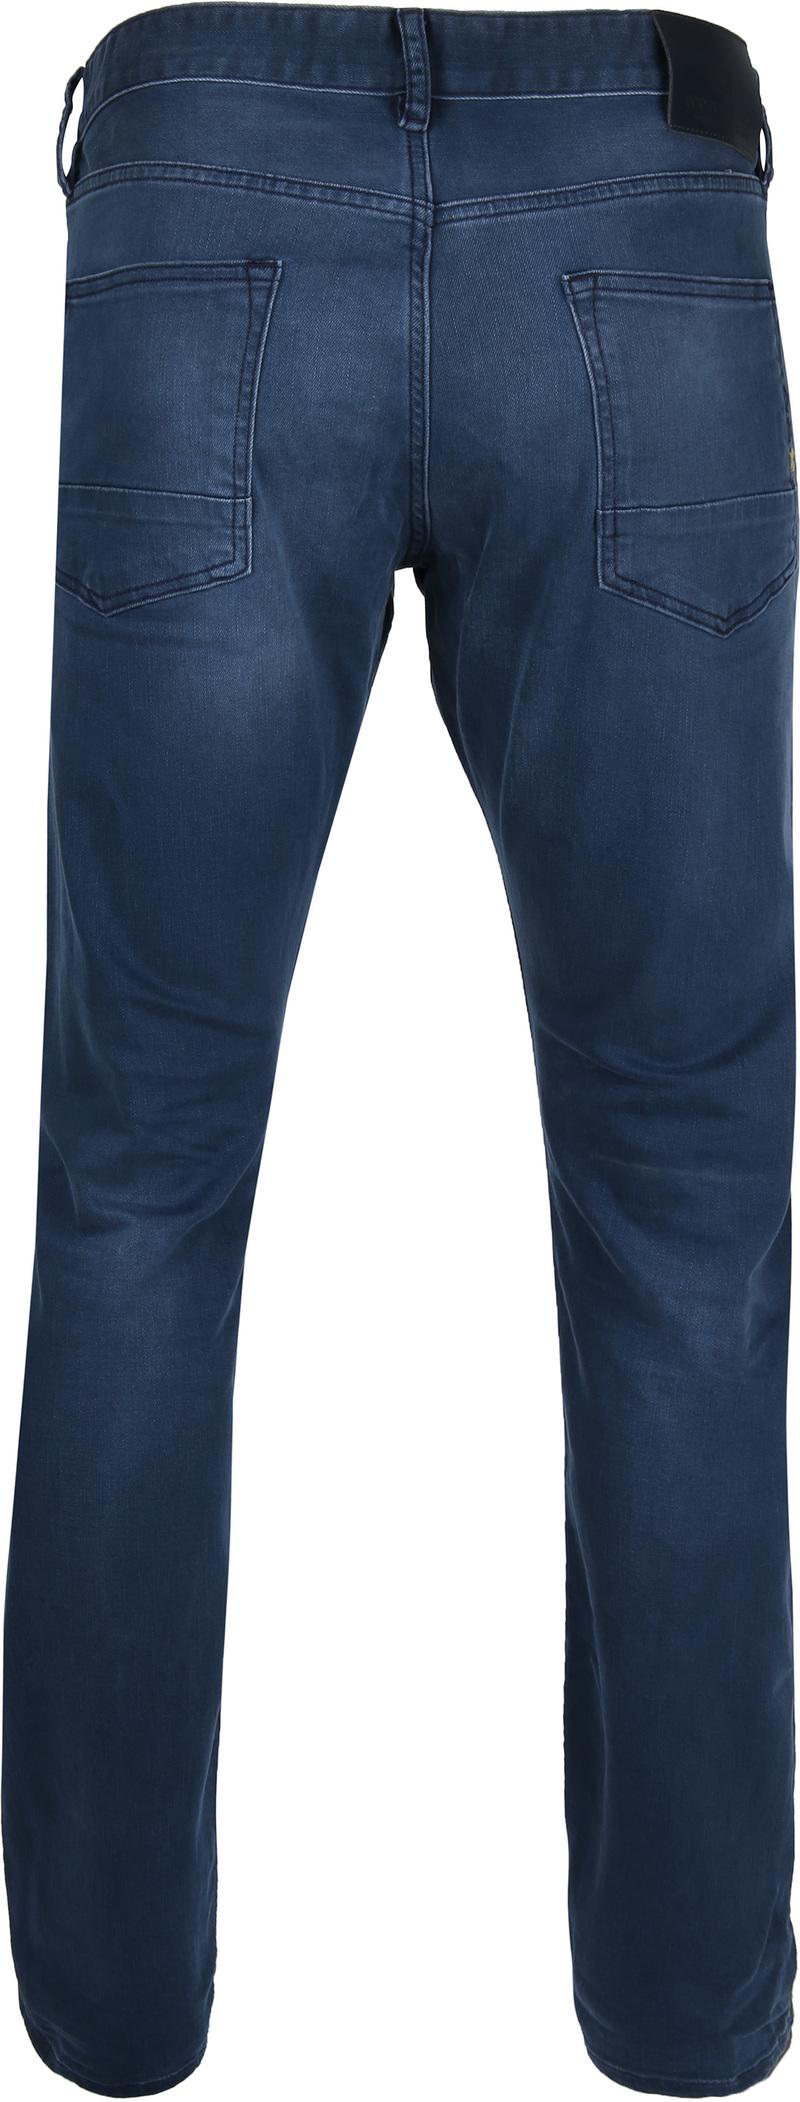 Scotch and Soda Ralston Jeans Concrete Blauw foto 3